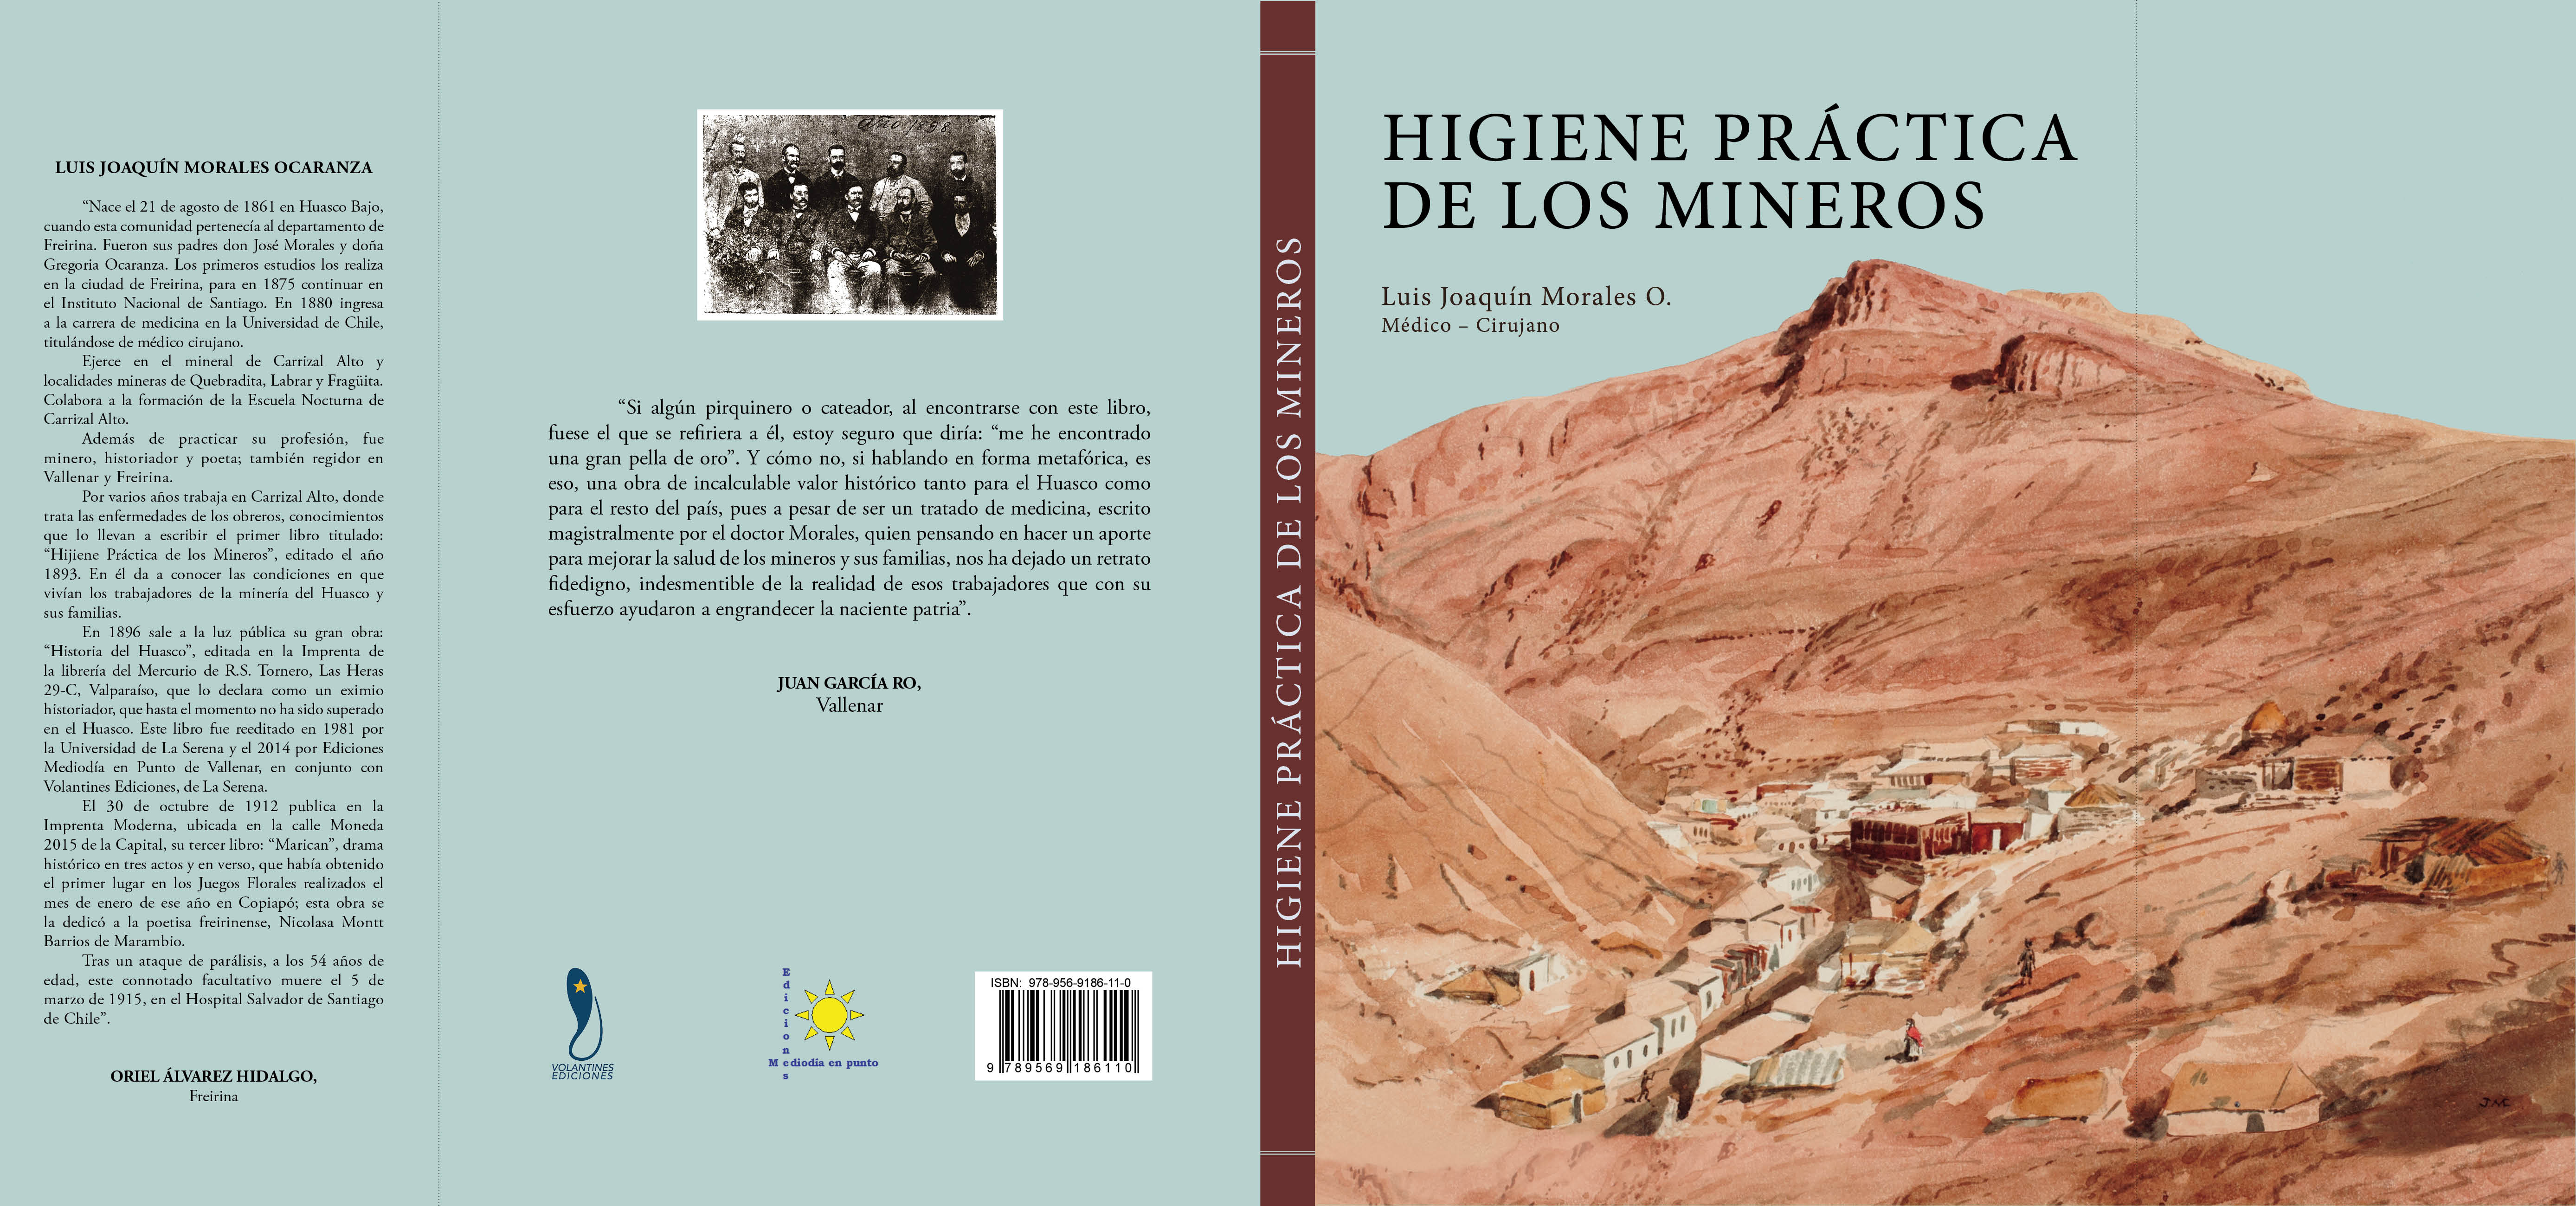 Este jueves presentan histórico libro en Vallenar